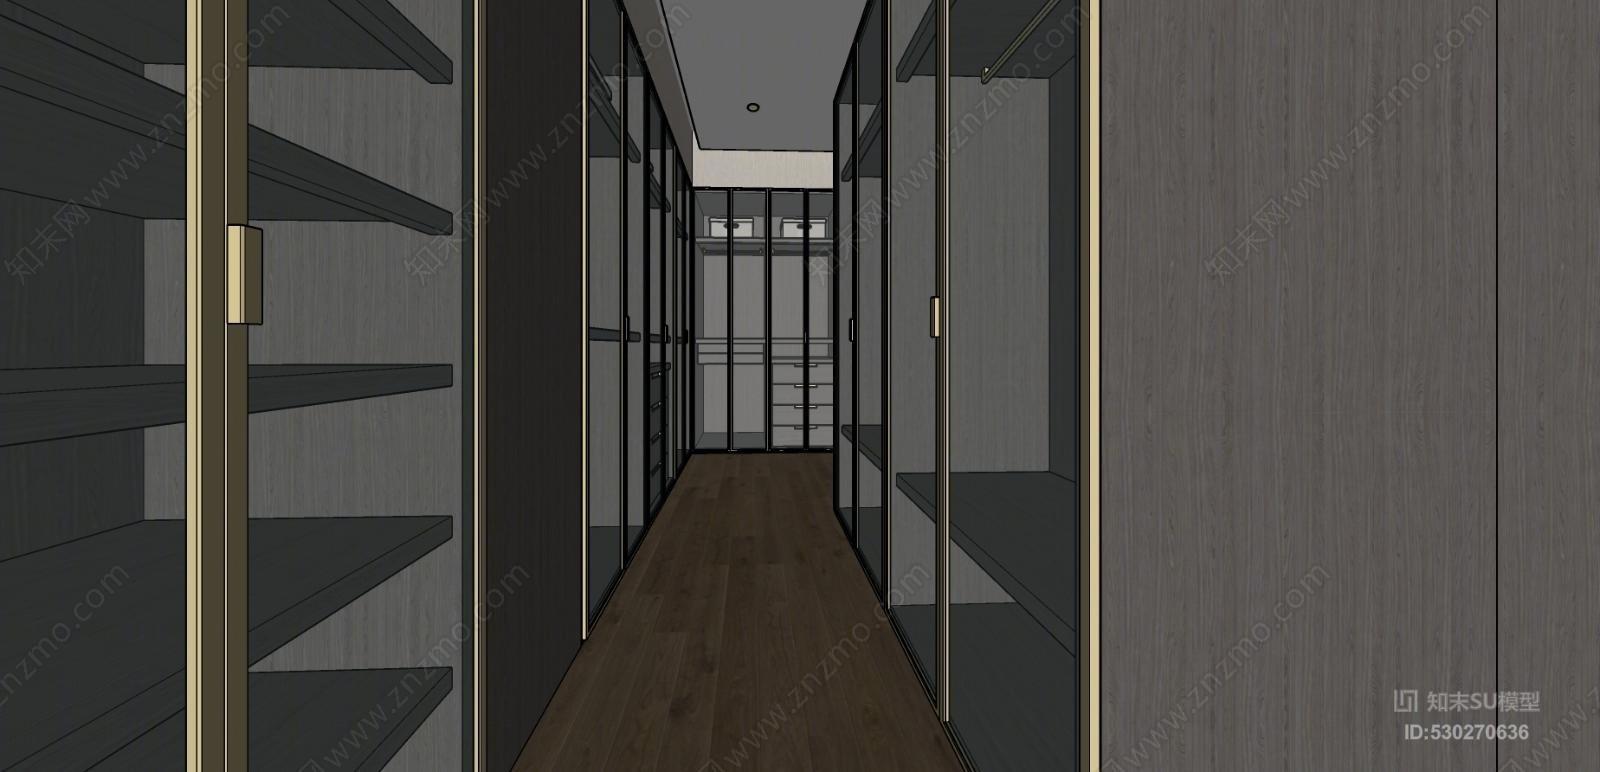 现代衣帽间衣柜玻璃门楼梯扶手 滑动门 监狱 楼梯 衣柜